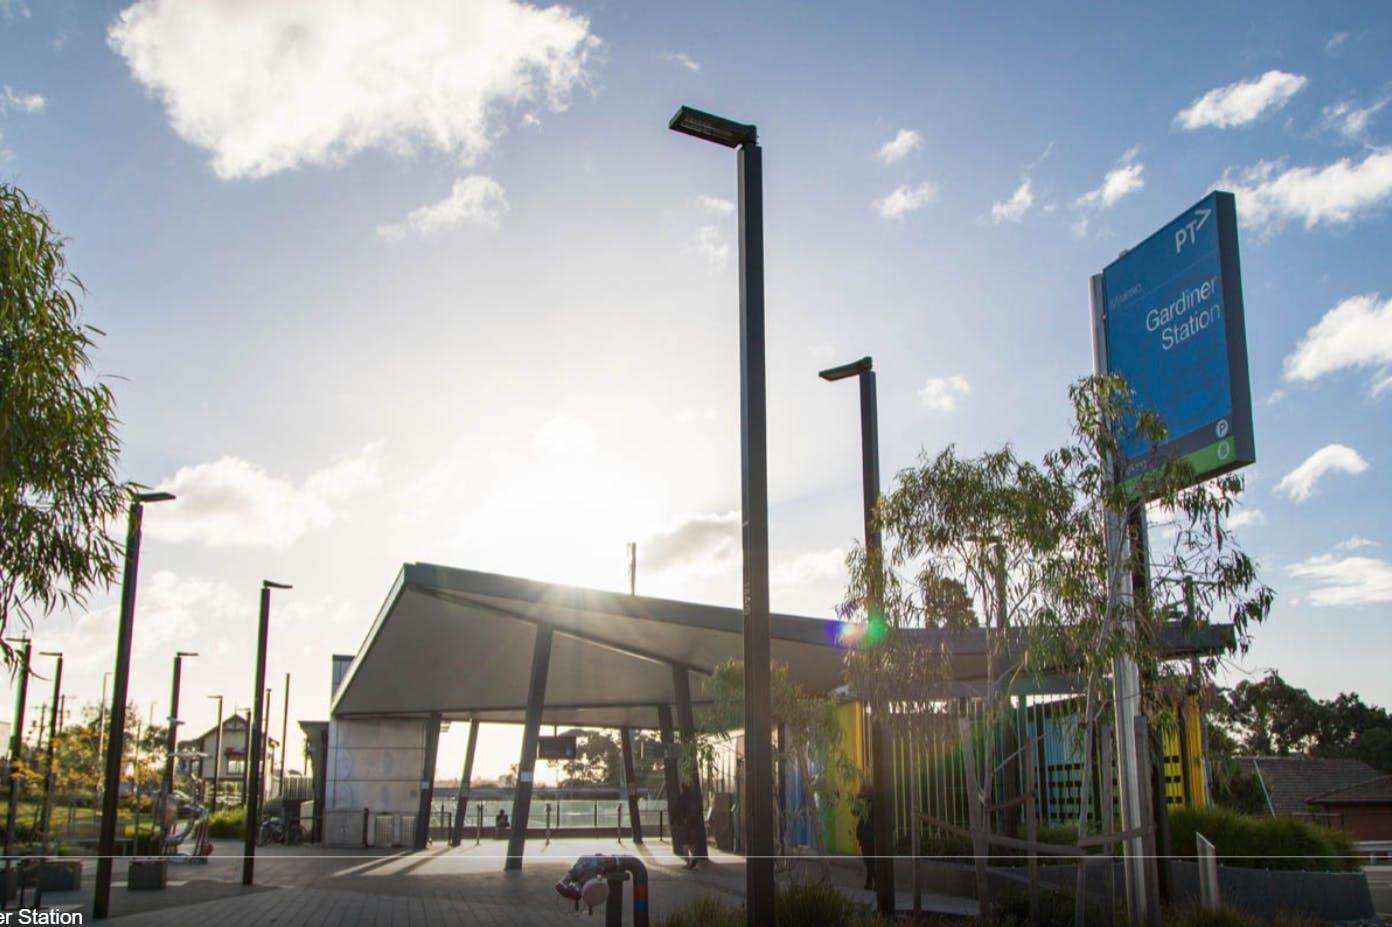 02 burke rd - Gardiner station.PNG